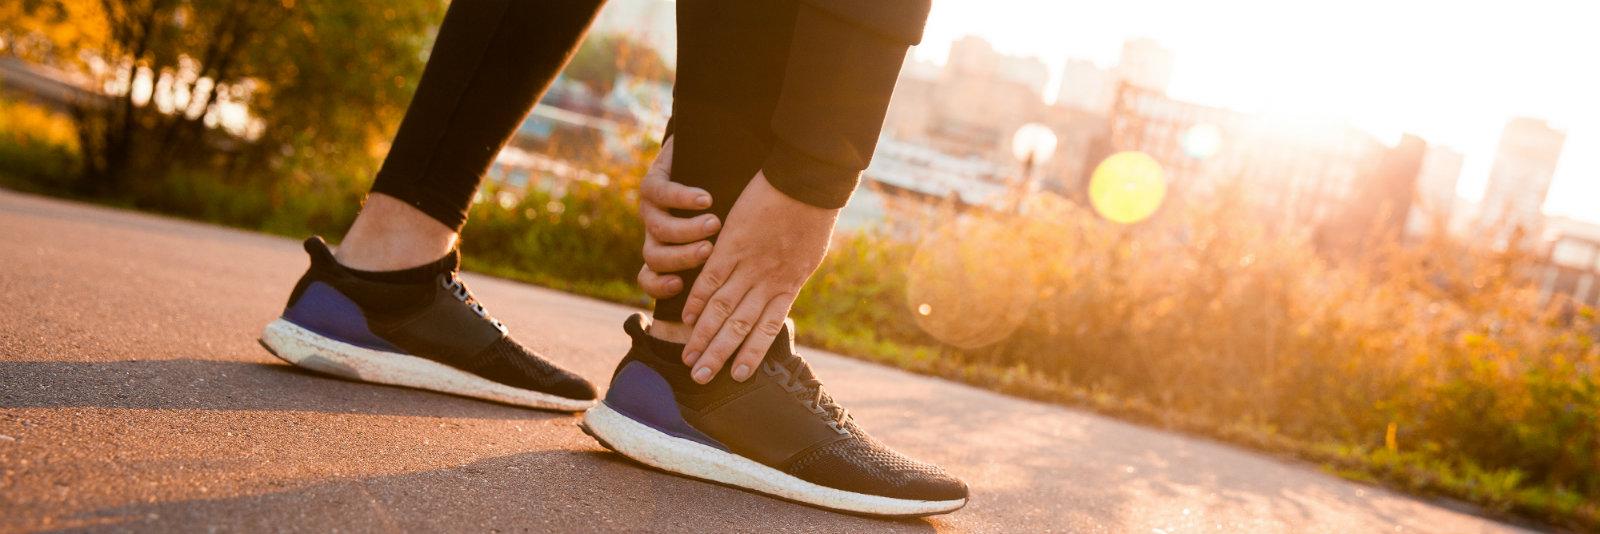 Flat Foot Pain